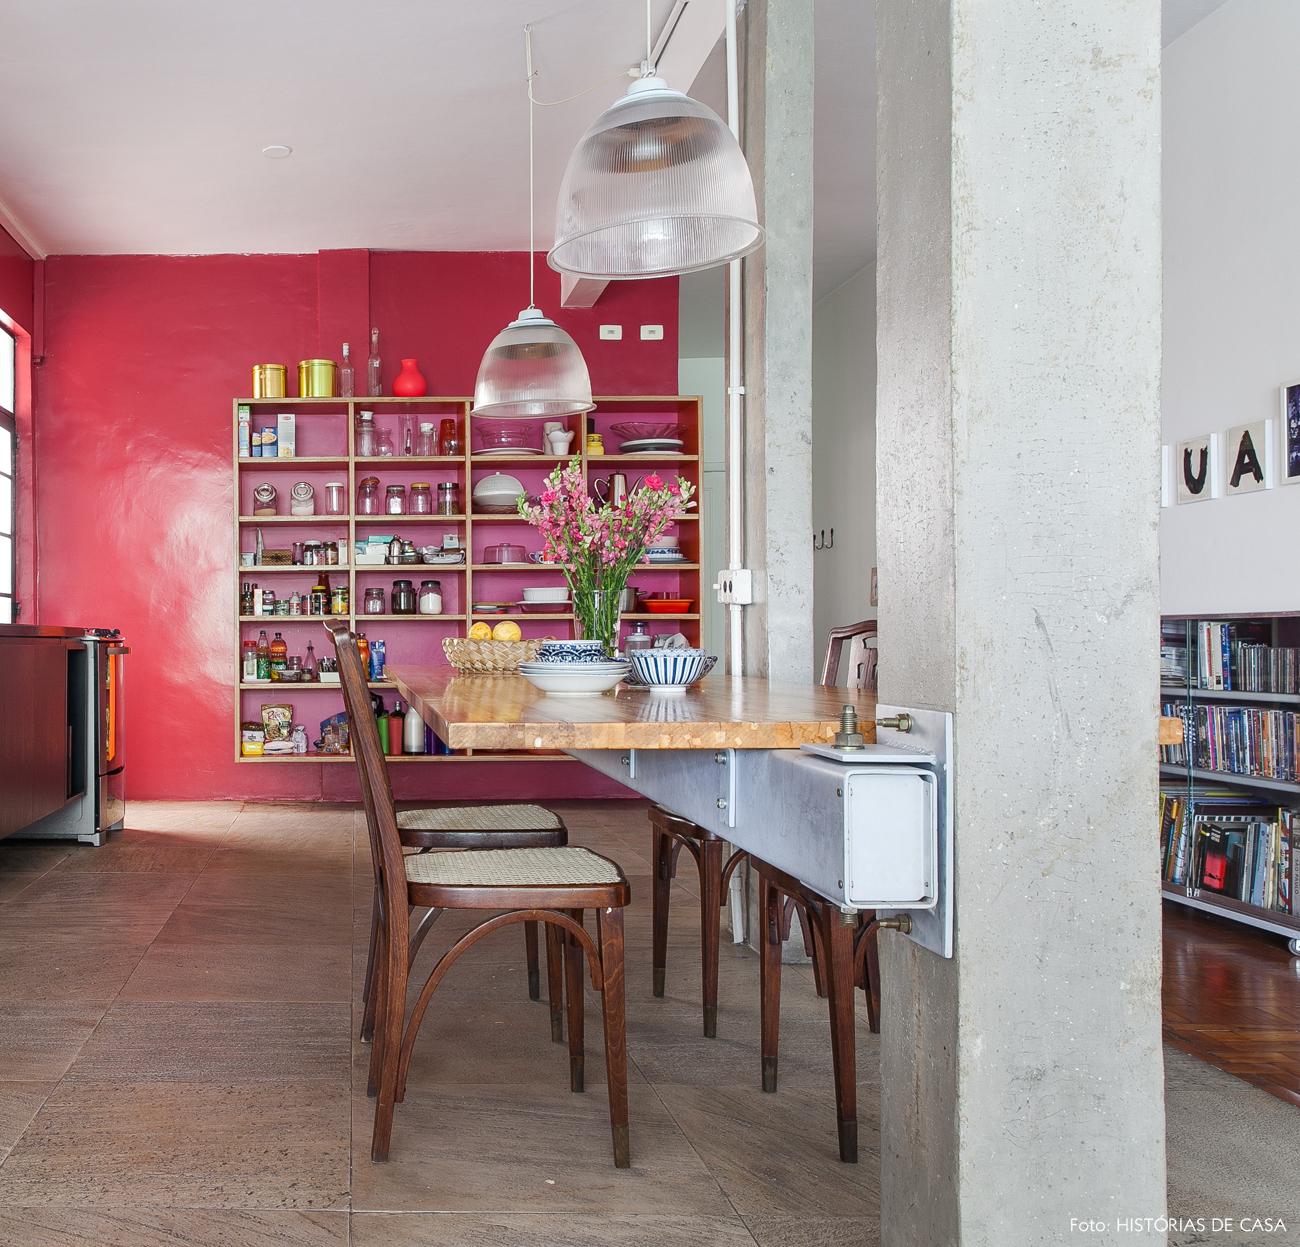 04-decoracao-cozinha-integrada-pilares-concreto-parede-rosa